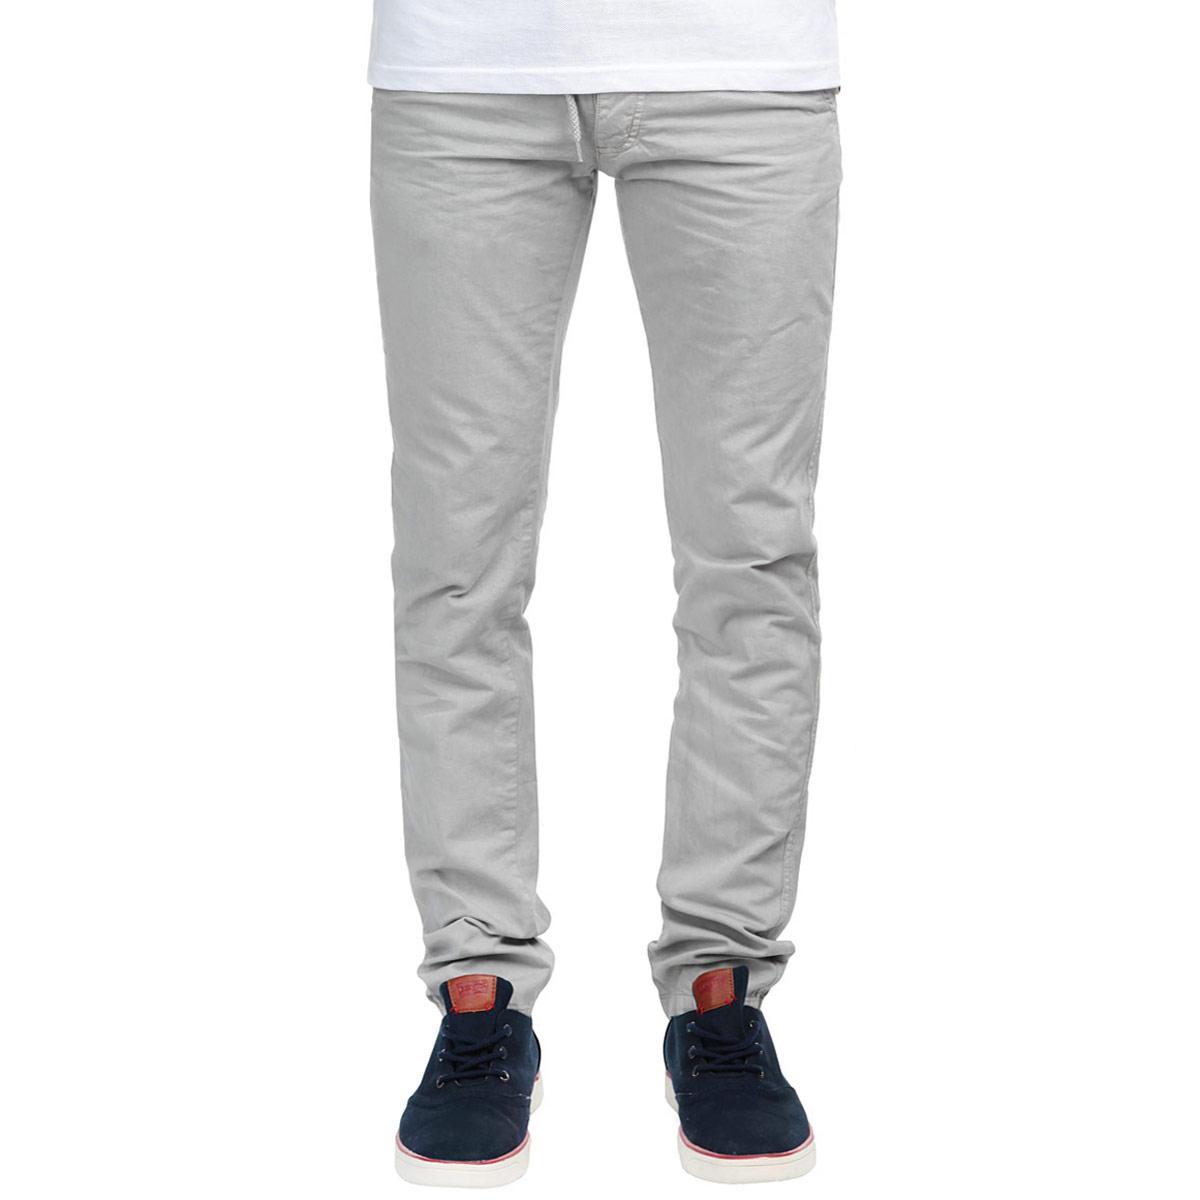 БрюкиEquinoxe/ACIERСтильные мужские брюки MeZaGuZ станут отличным дополнением к вашему гардеробу. Модель прямого кроя и средней посадки изготовлена из высококачественного 100% хлопка, она великолепно пропускает воздух и обладает высокой гигроскопичностью. Застегиваются брюки на пуговицы, объем талии регулируется при помощи шнурка-кулиски. На поясе имеются шлевки для ремня. Спереди модель оформлена двумя втачными карманами и маленьким кармашком, а сзади - двумя прорезными карманами, закрывающимися на пуговицы. В комплект входит оригинальный плетеный ремень с металлической пряжкой. Эти модные и в тоже время удобные брюки помогут вам создать оригинальный современный образ. В них вы всегда будете чувствовать себя уверенно и комфортно.